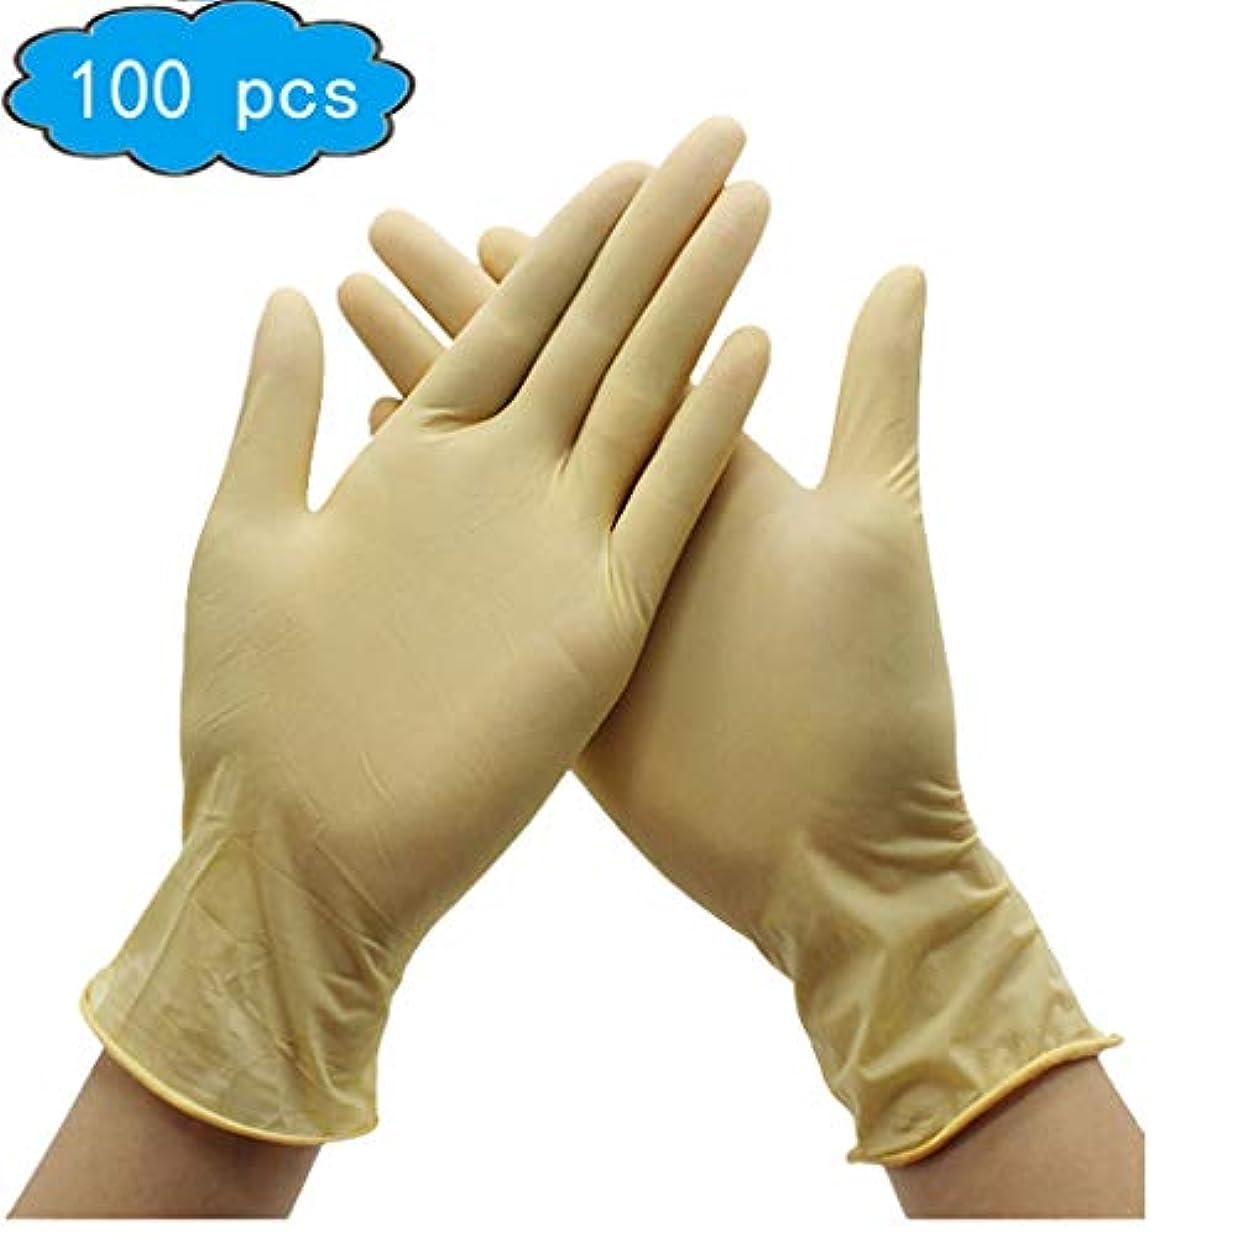 脚キャラバン拷問ラテックス手袋、試験/食品グレードの安全製品、使い捨て手袋および手袋Dispensers 100psc、衛生手袋、健康、家庭用ベビーケア (Color : Beige, Size : L)